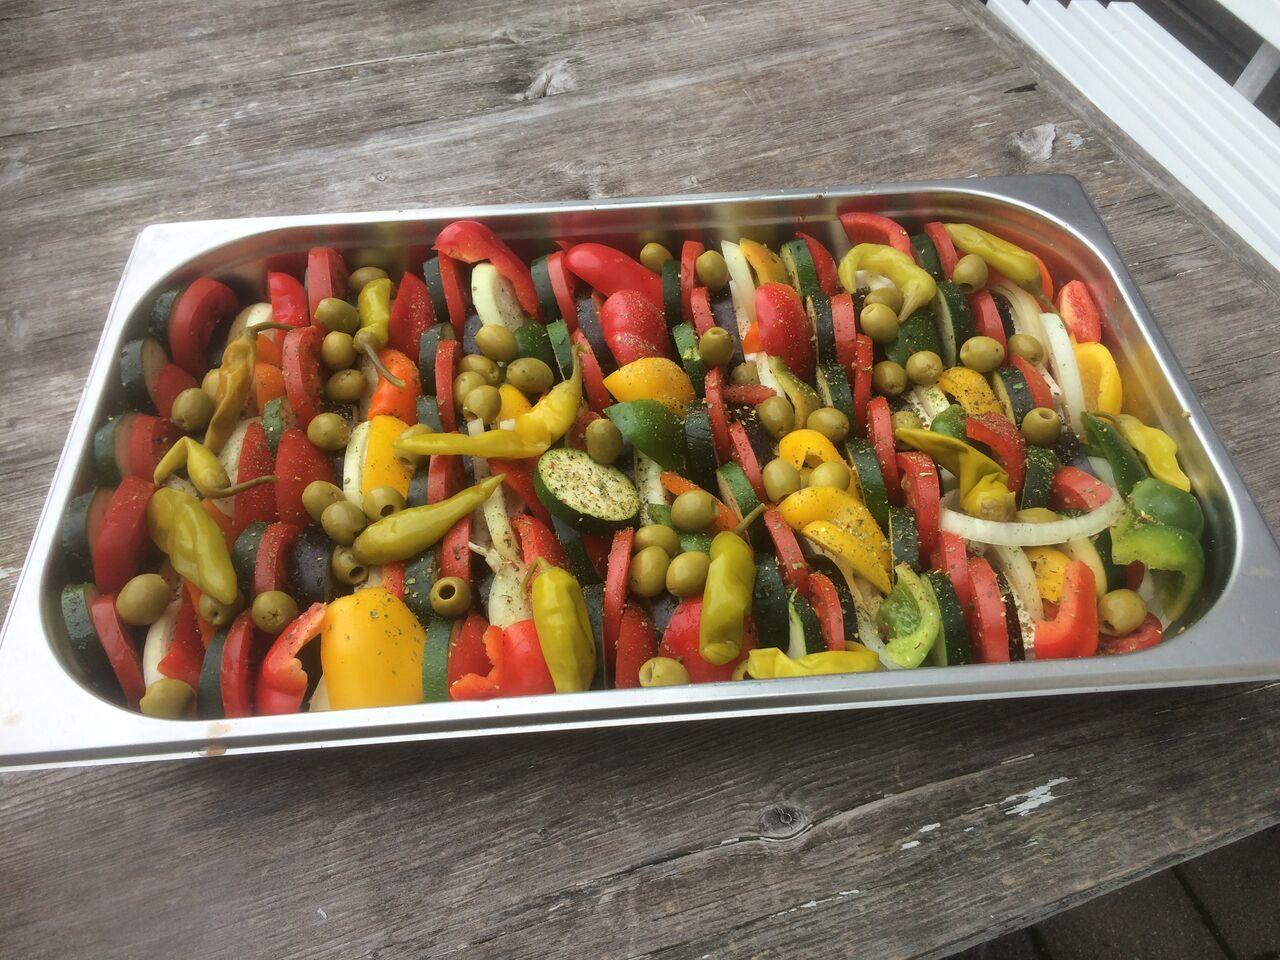 Ofengemüse mit italienischen Kräutern in hochwertigem Olivenöl, mit Oliven und Pepperoni. Auch mit Fetakäse möglich.